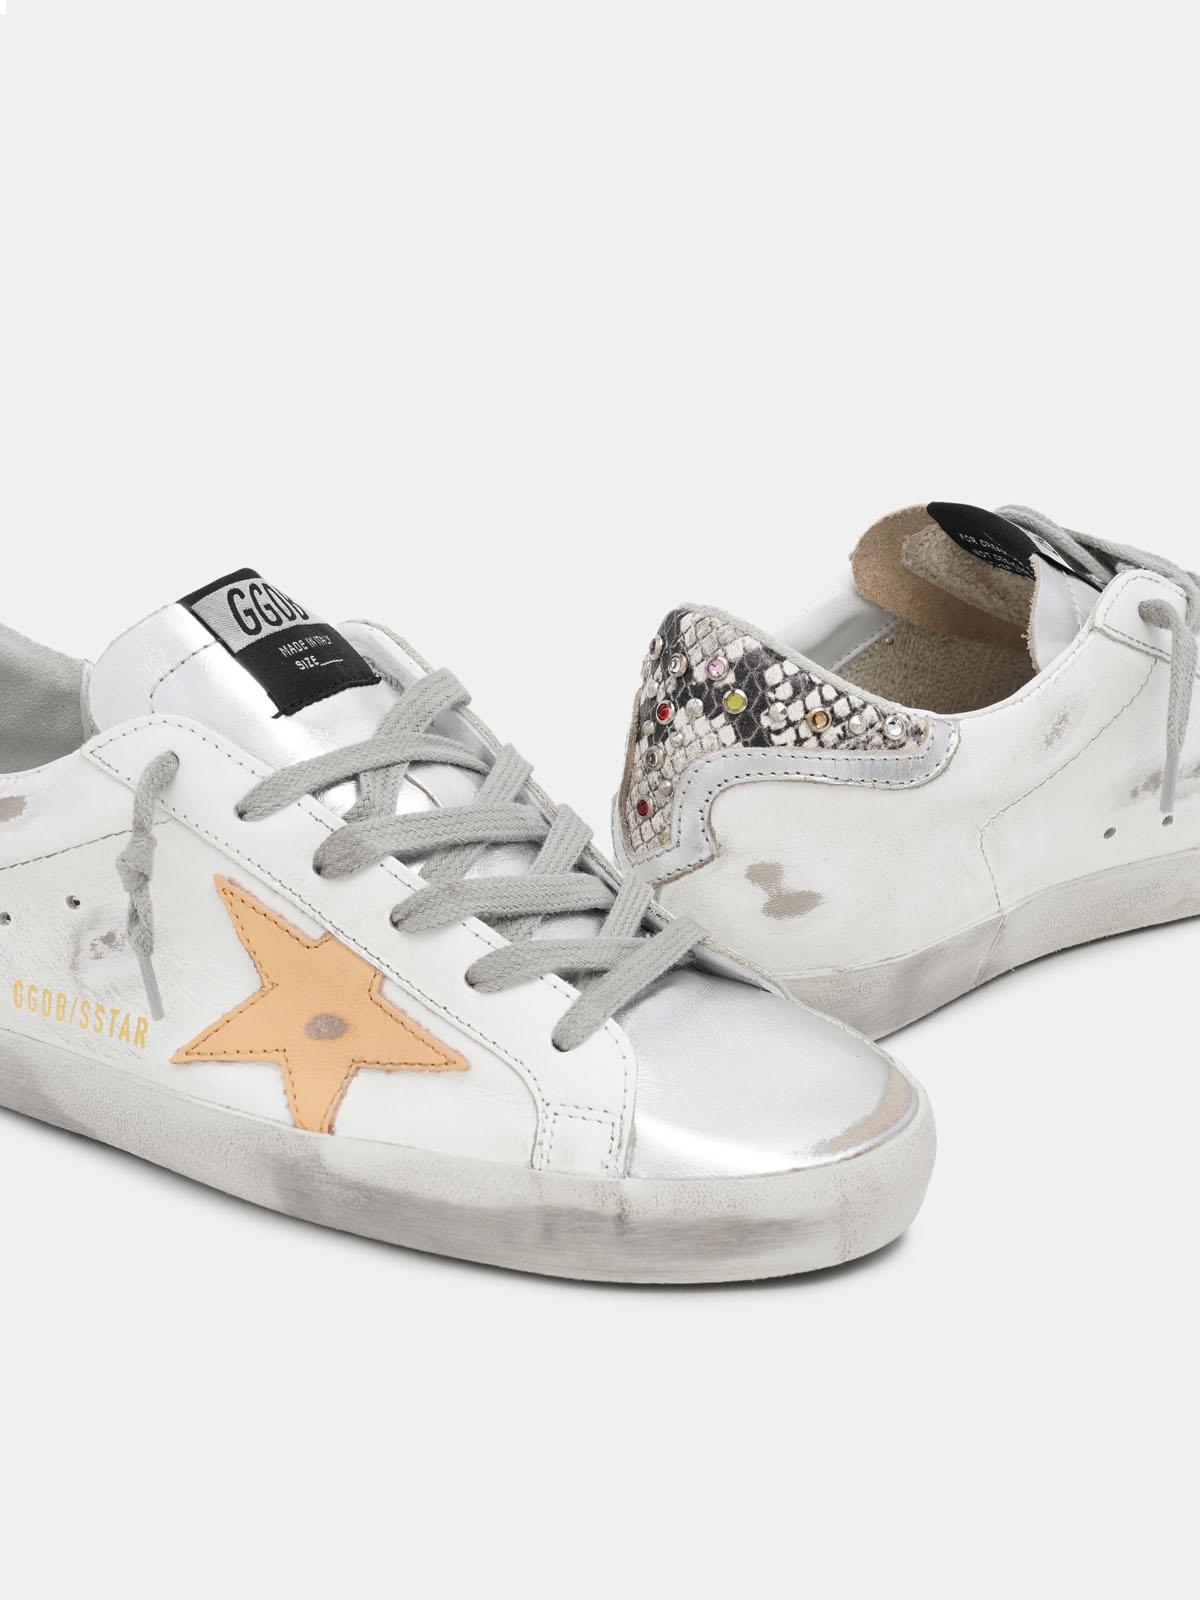 Golden Goose - Sneakers Super-Star bianche con talloncino pitonato e strass in